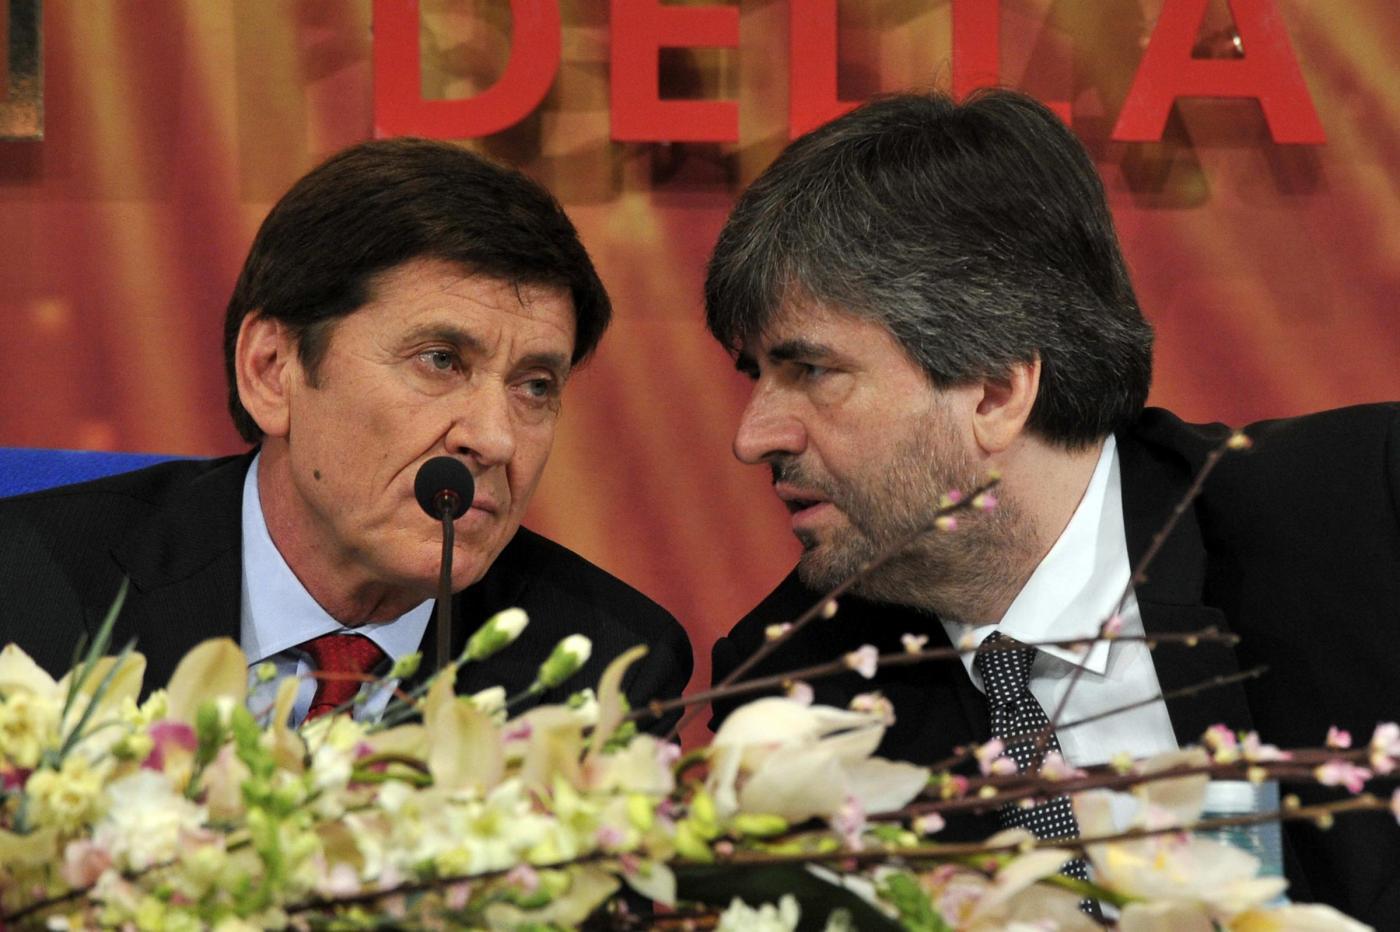 Sanremo 2012, live conferenza stampa: Ivana c'è, Celentano tornerà, Mazzi lo esalta, Morandi 'mette al posto suo' Marano